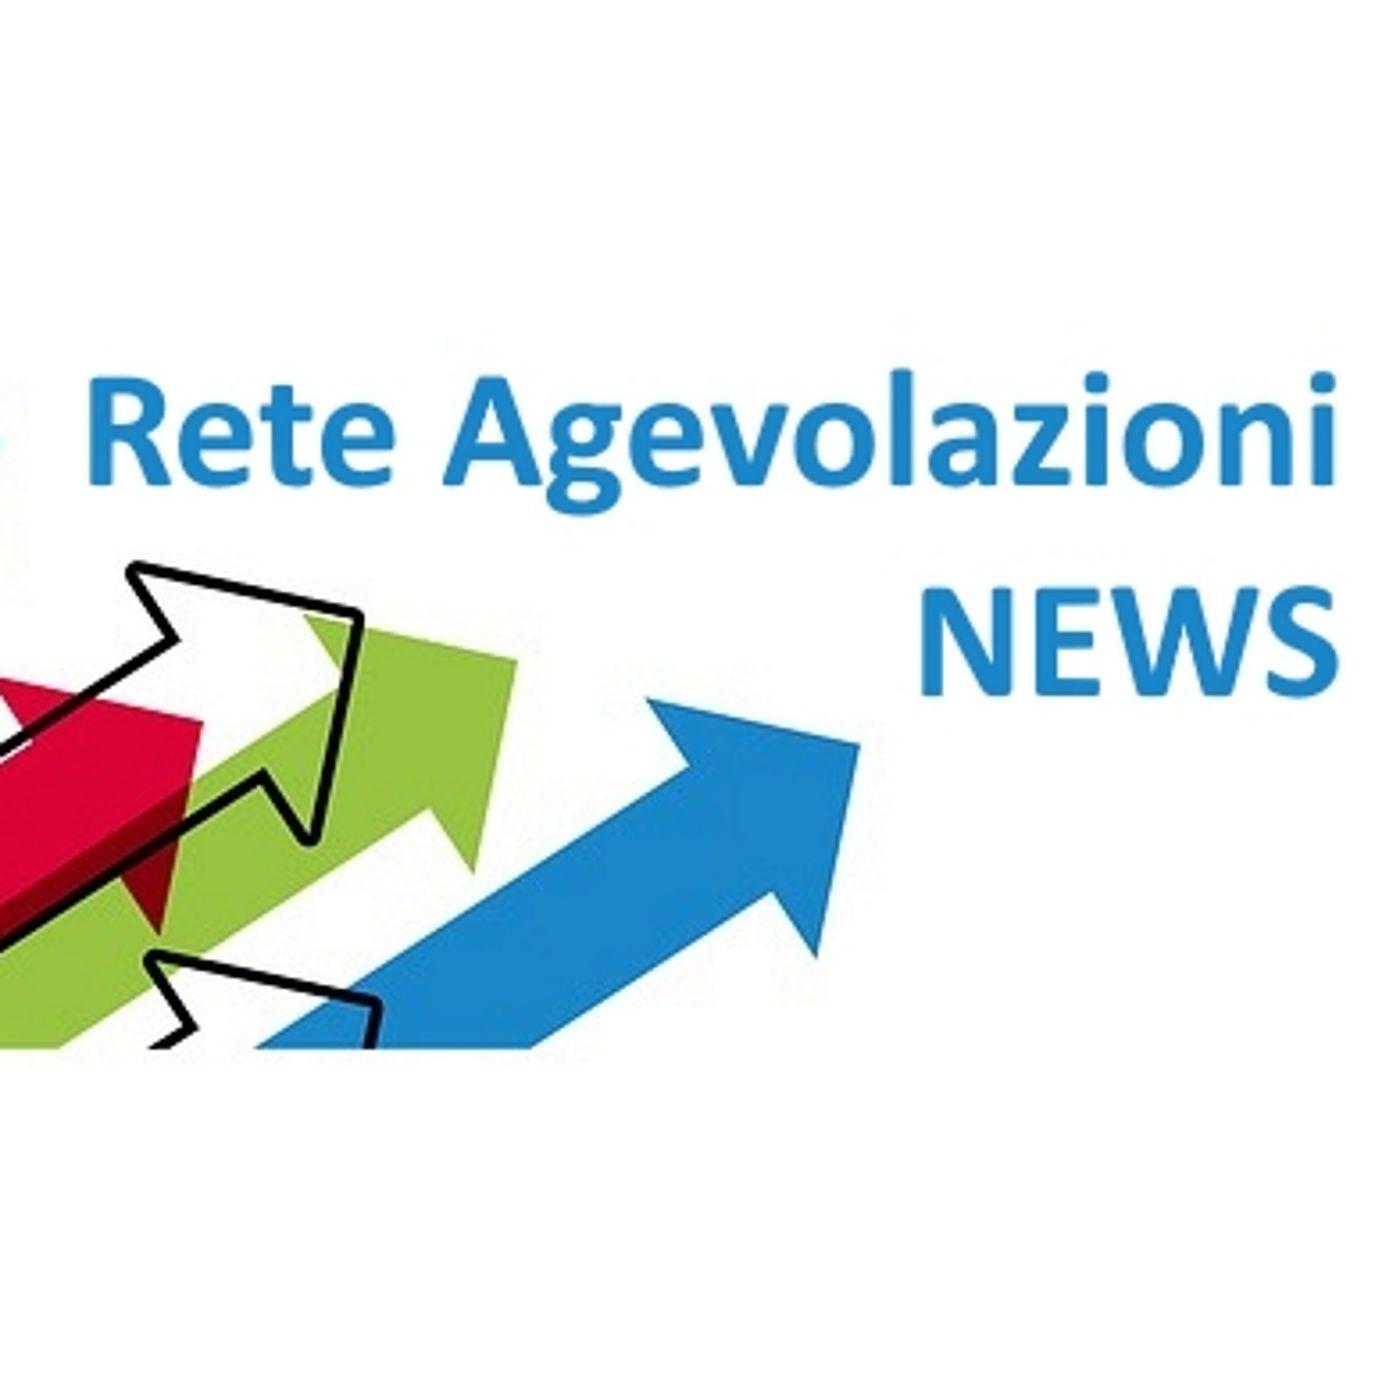 VENETO - Nuove agevolazioni previste per il 2018 - 2019